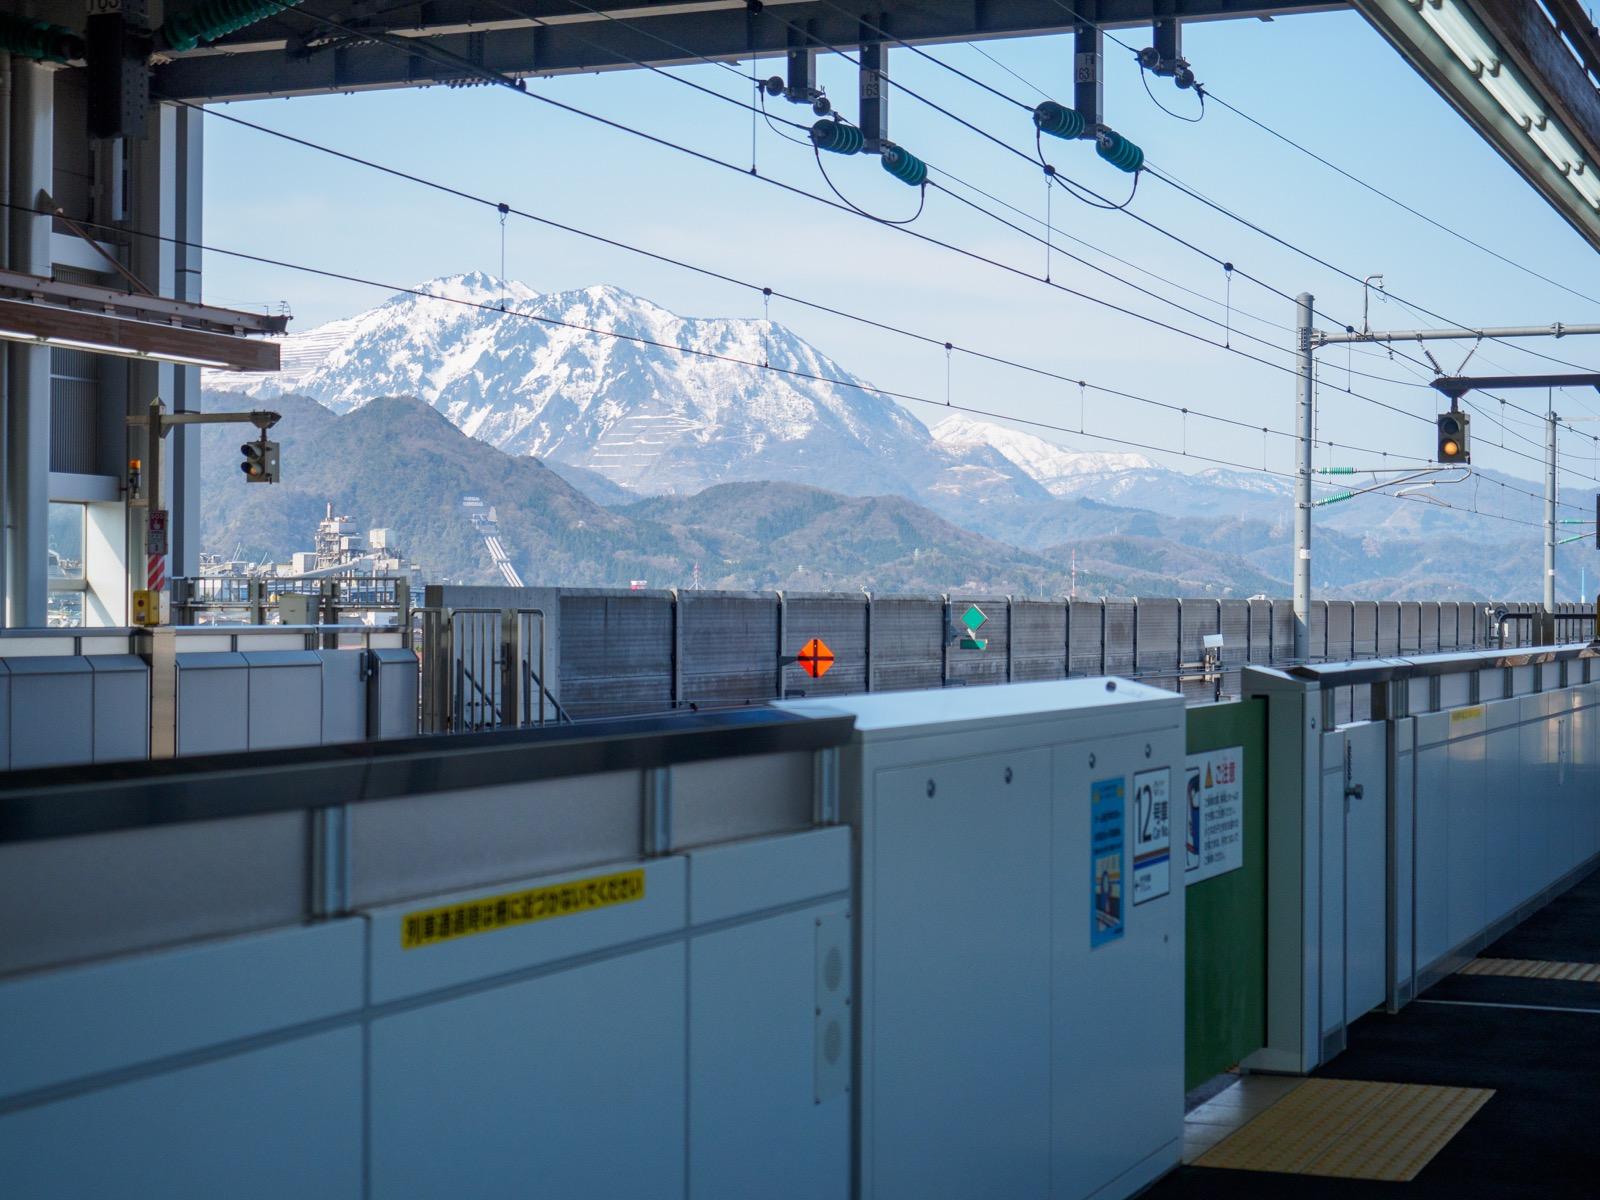 北陸新幹線糸魚川駅のホームから見たアルプスの山並み(2017年4月)